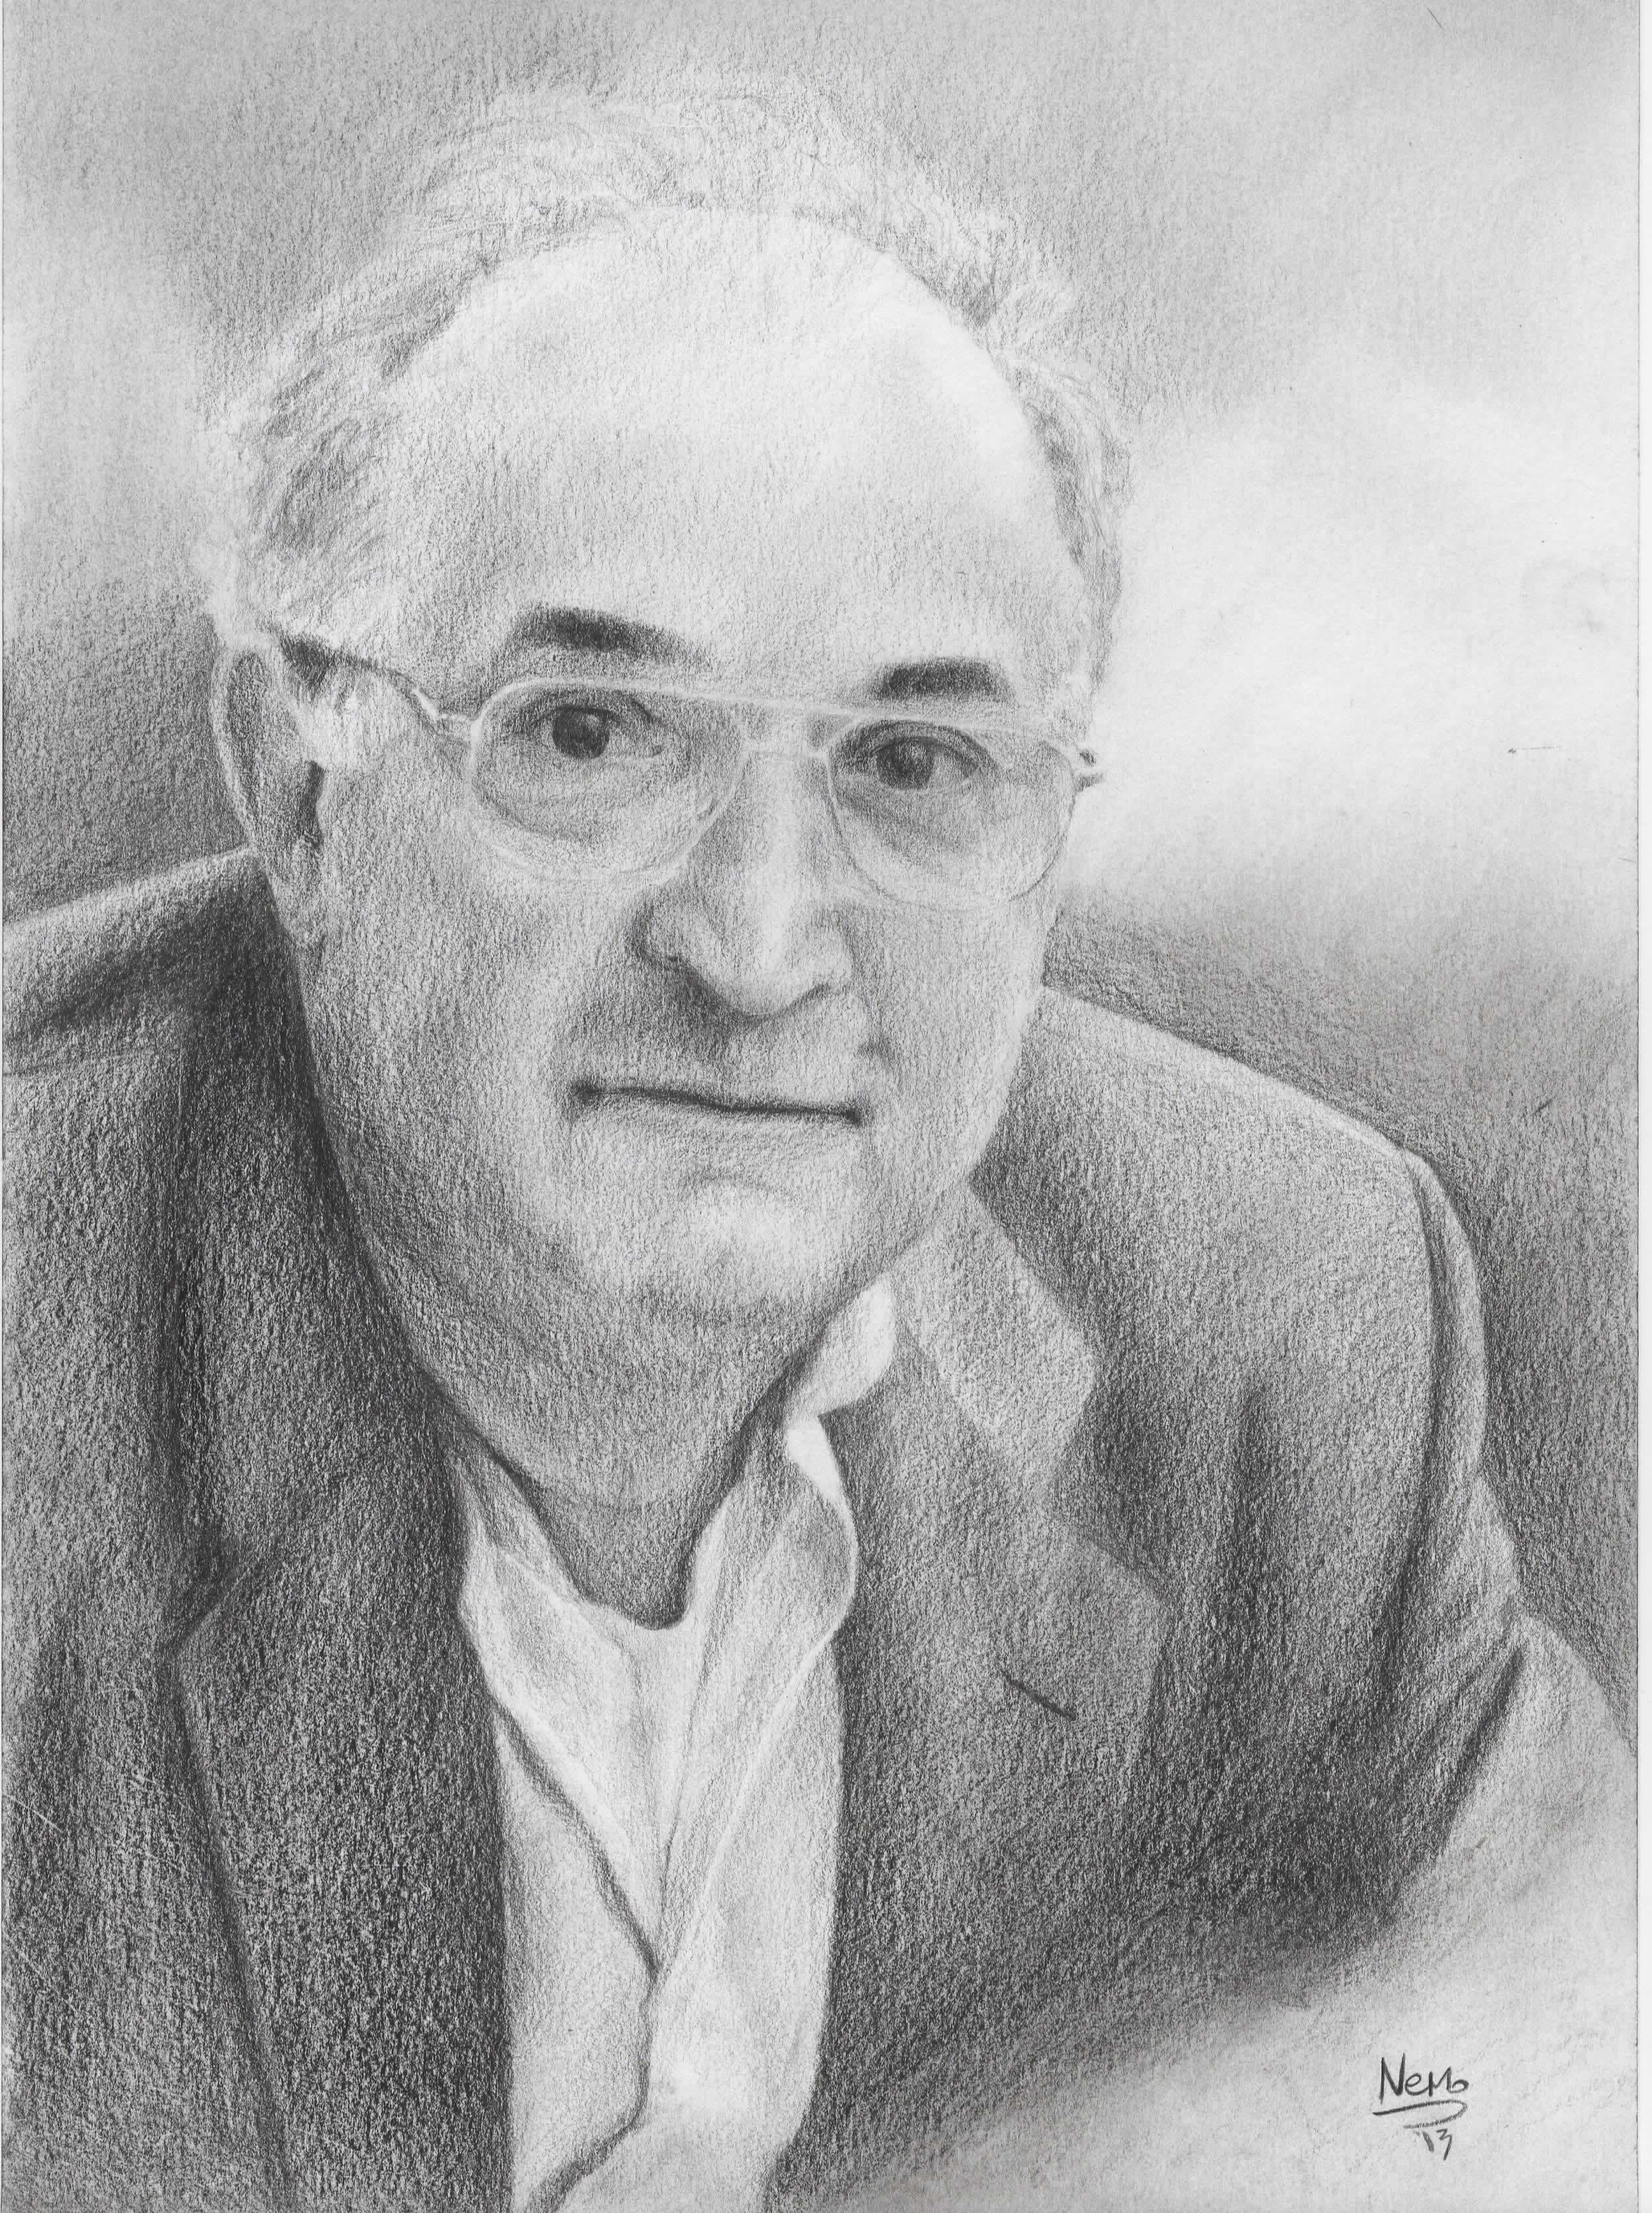 Zio Gianni